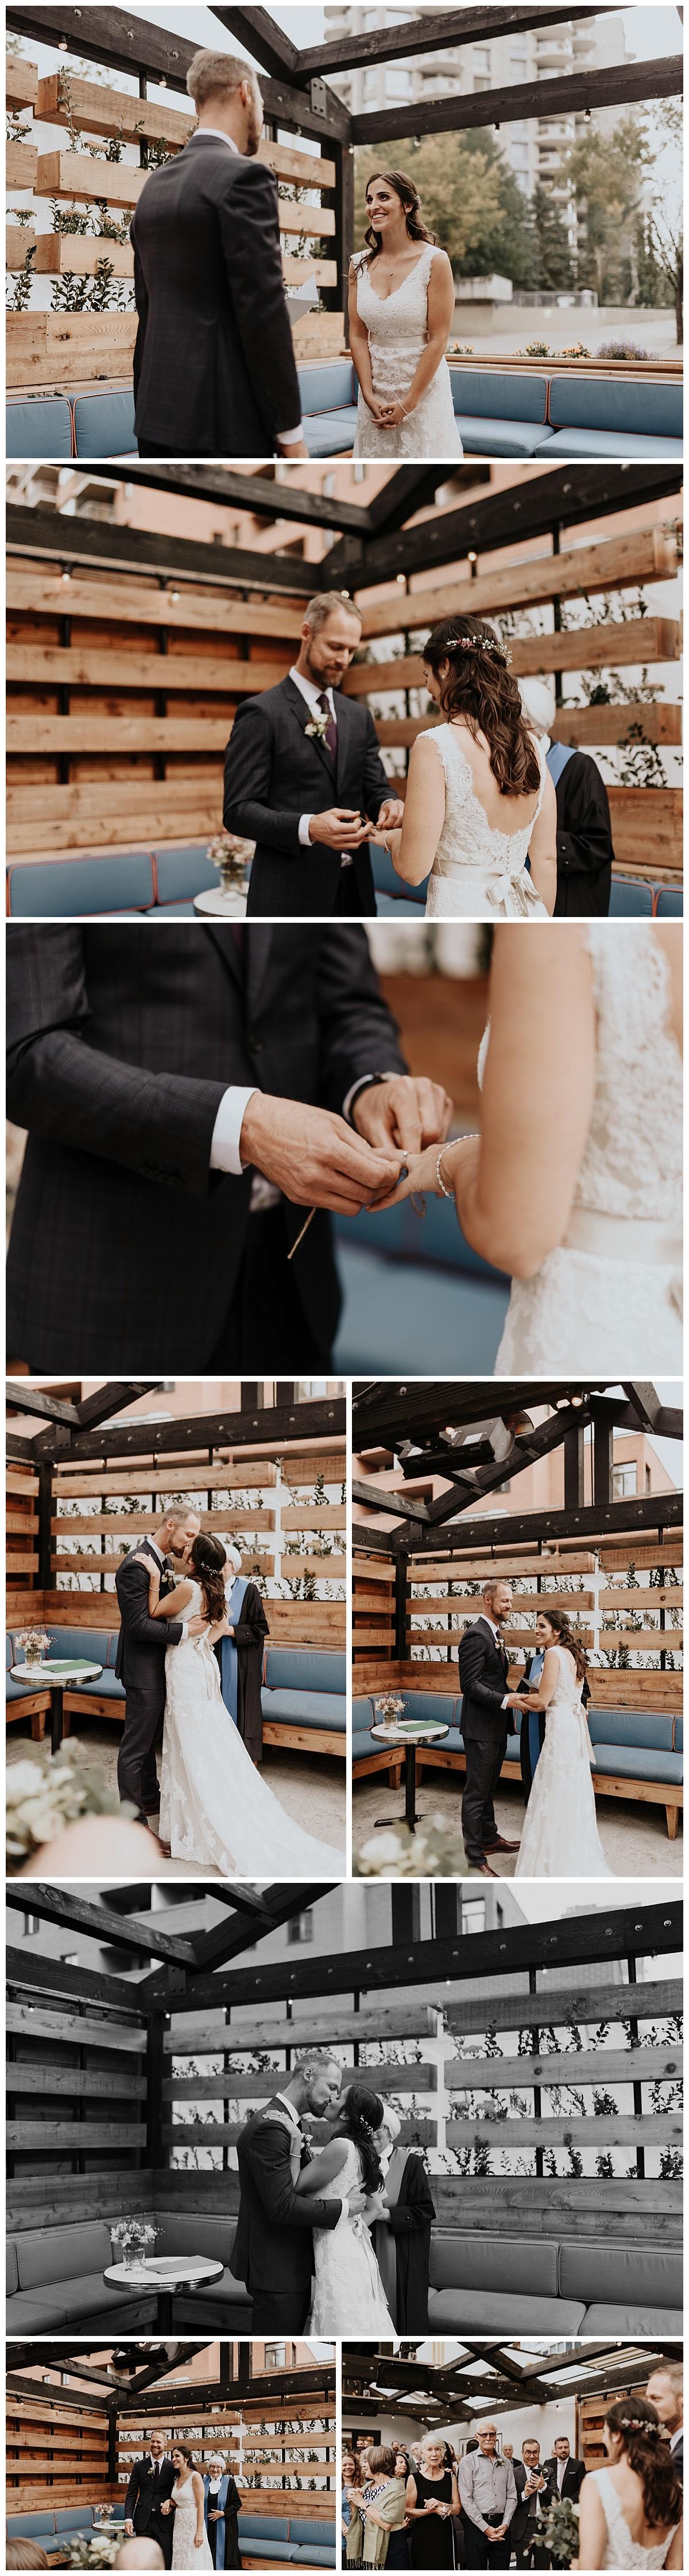 Alforno Bakery Wedding